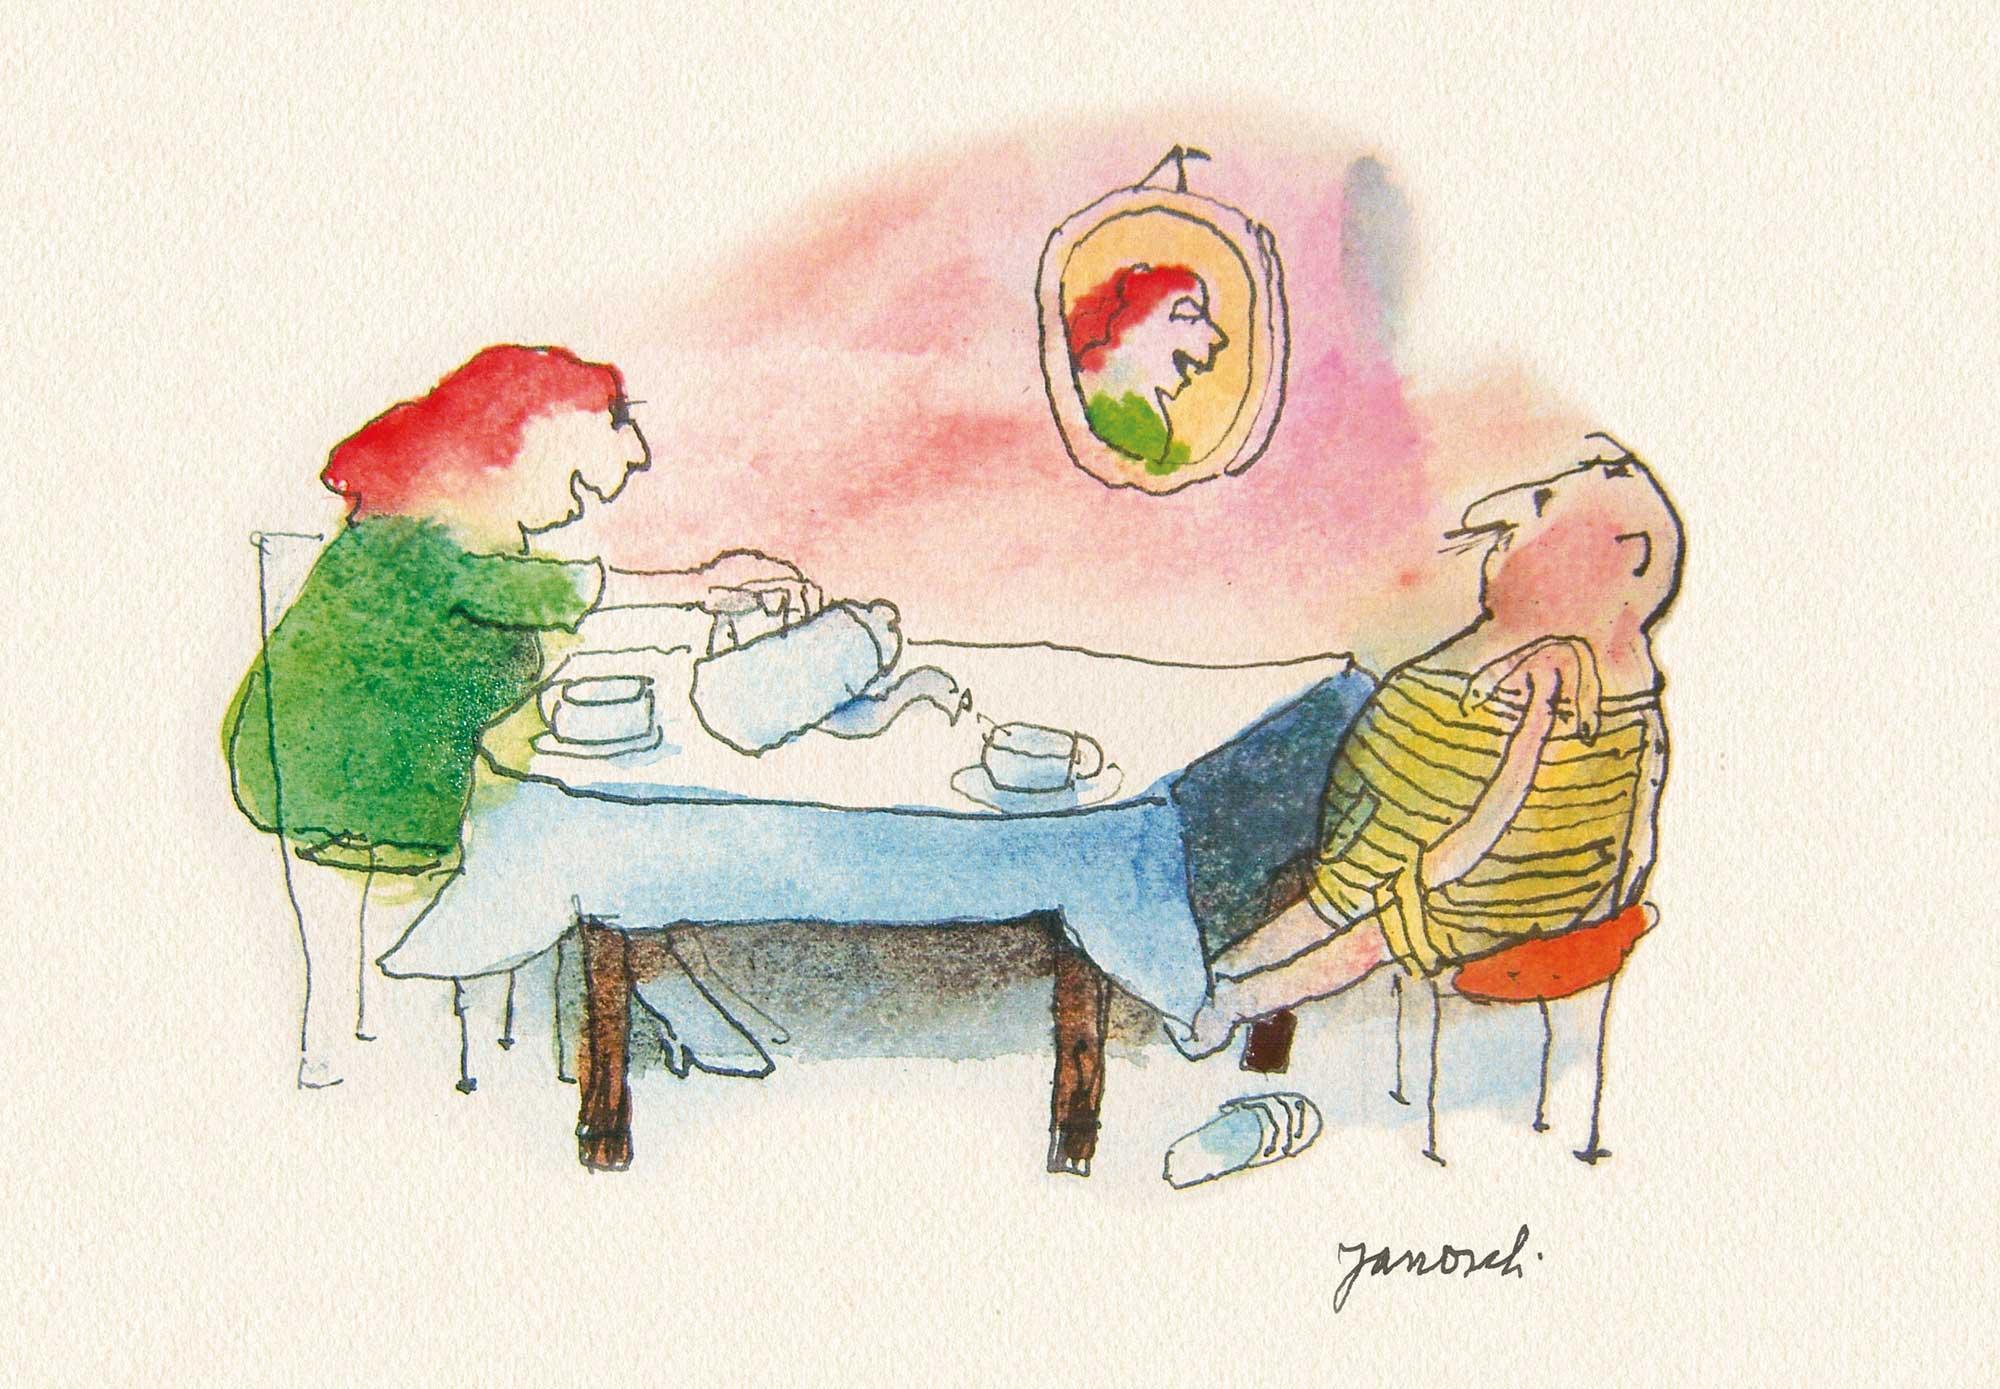 Herr Janosch, was ist besser, Kaffee oder Tee?